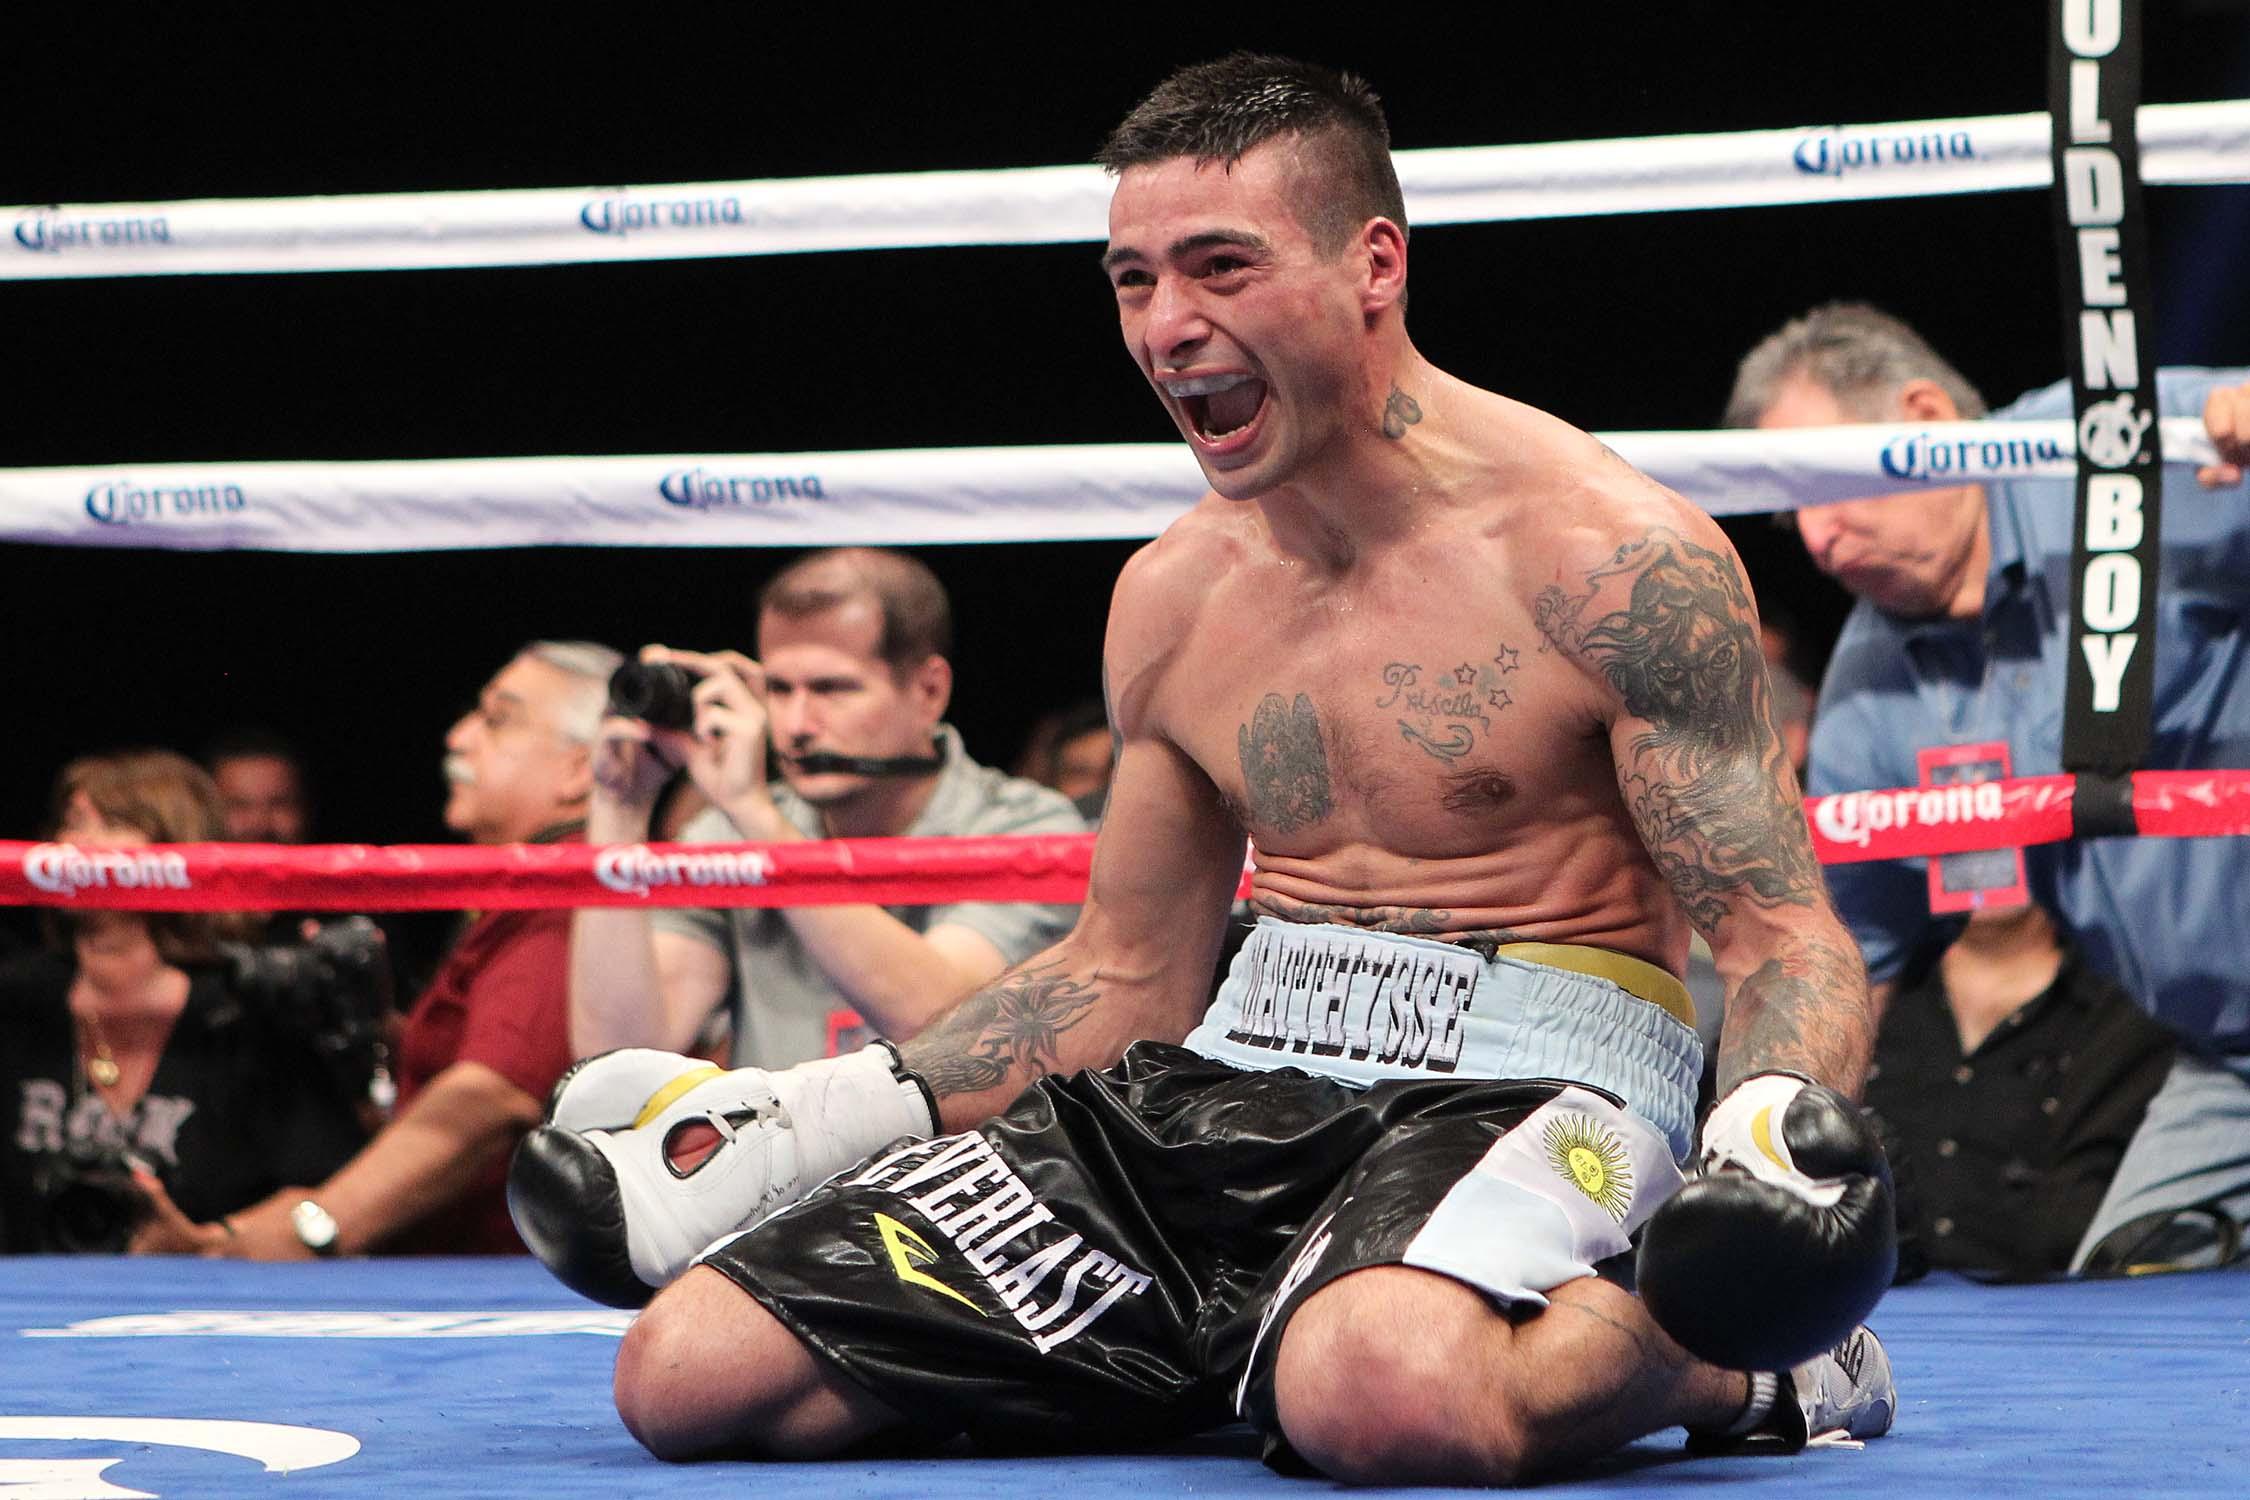 Lucas Matthysse vuelve al boxeo: estará en cartelera de Canelo – Chávez Jr.